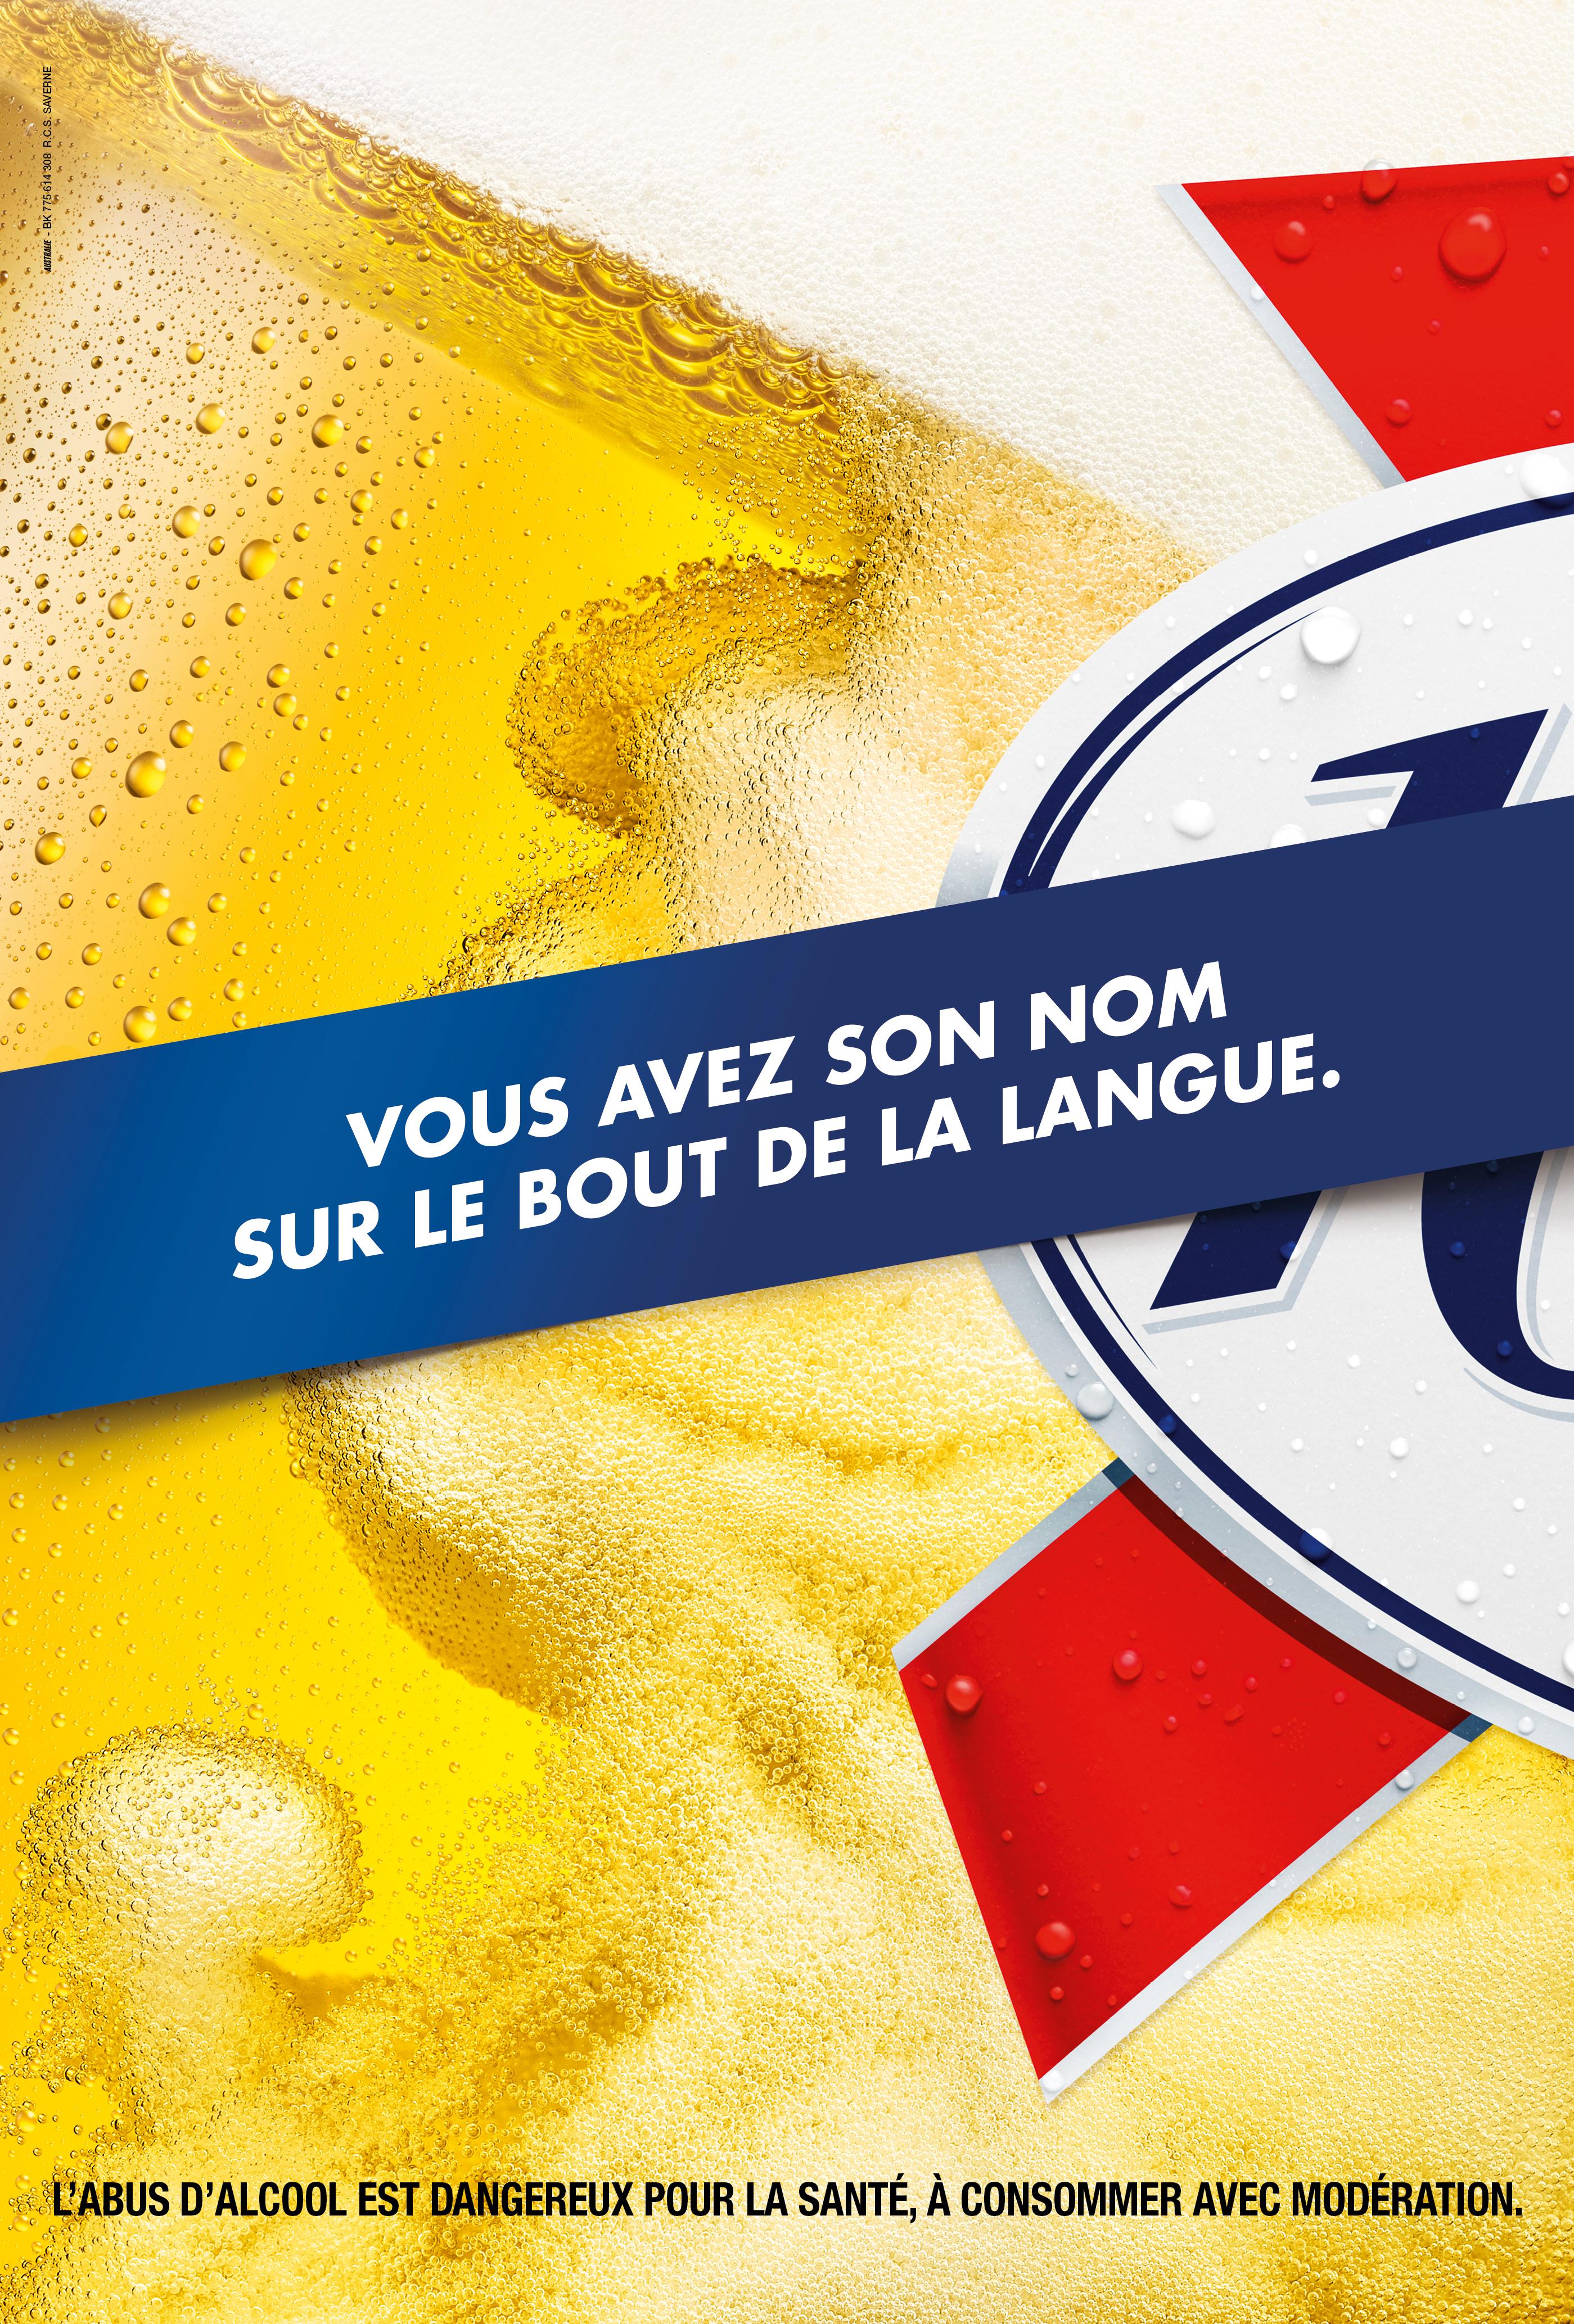 Véritable trésor Alsacien, le Strisselspalt est en quelque sorte la signature gustative des bières 1664.